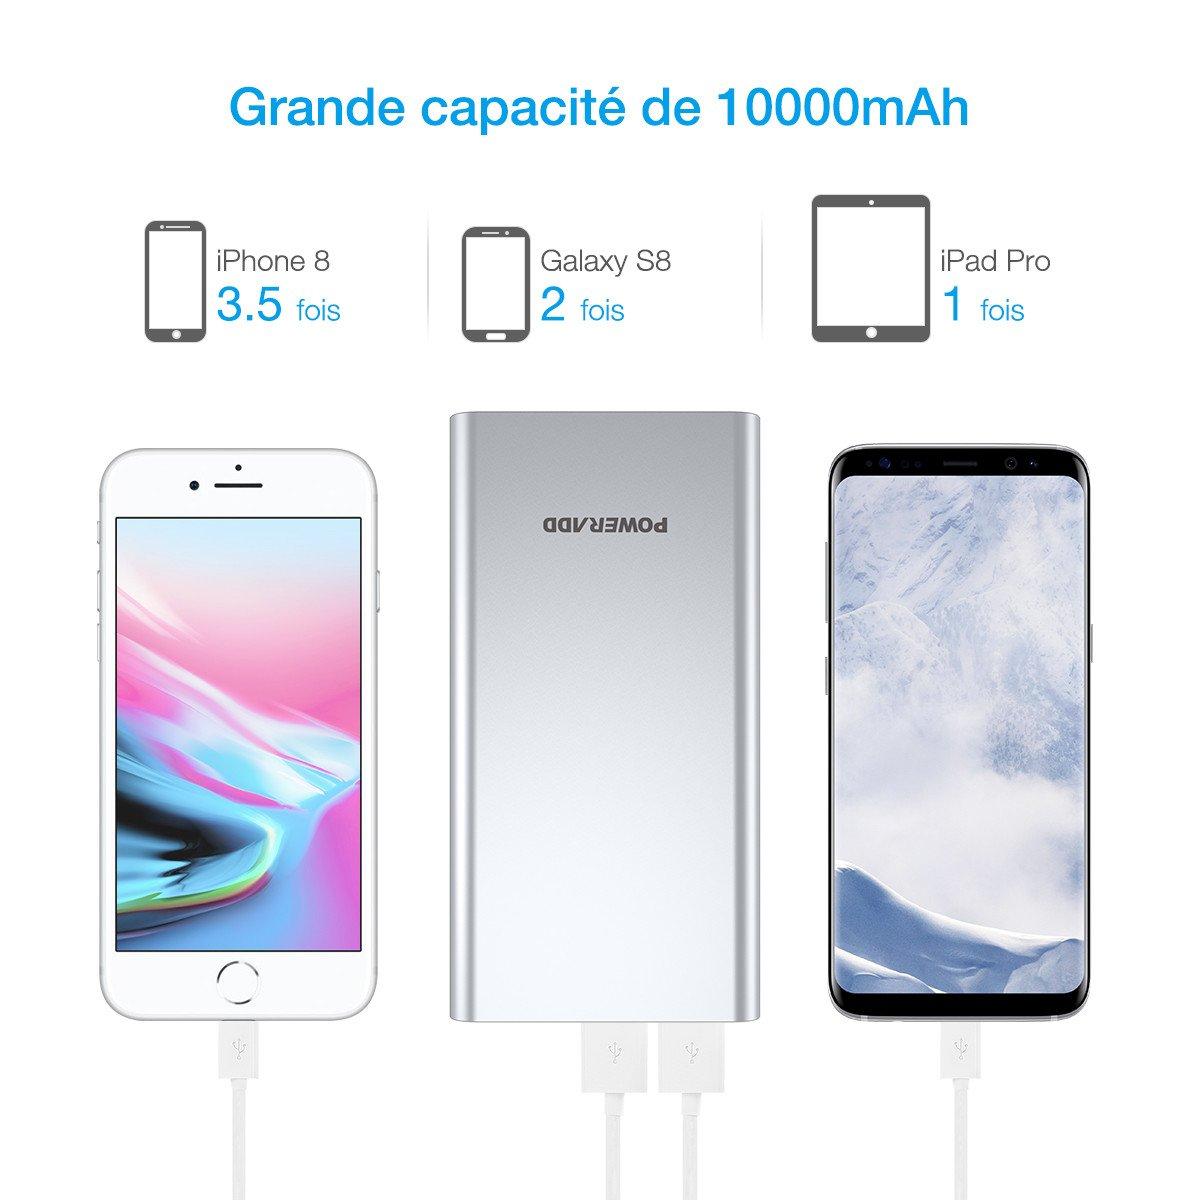 Poweradd Pilot 2GS 10000mAh Grande Capacité Chargeur Batterie Portable de Secours Externe (Apple câble non inclus) pour iphone6/6plus iphone 7/7plus,ipad, samsung S7, et Aurtre Smartphone- Argent